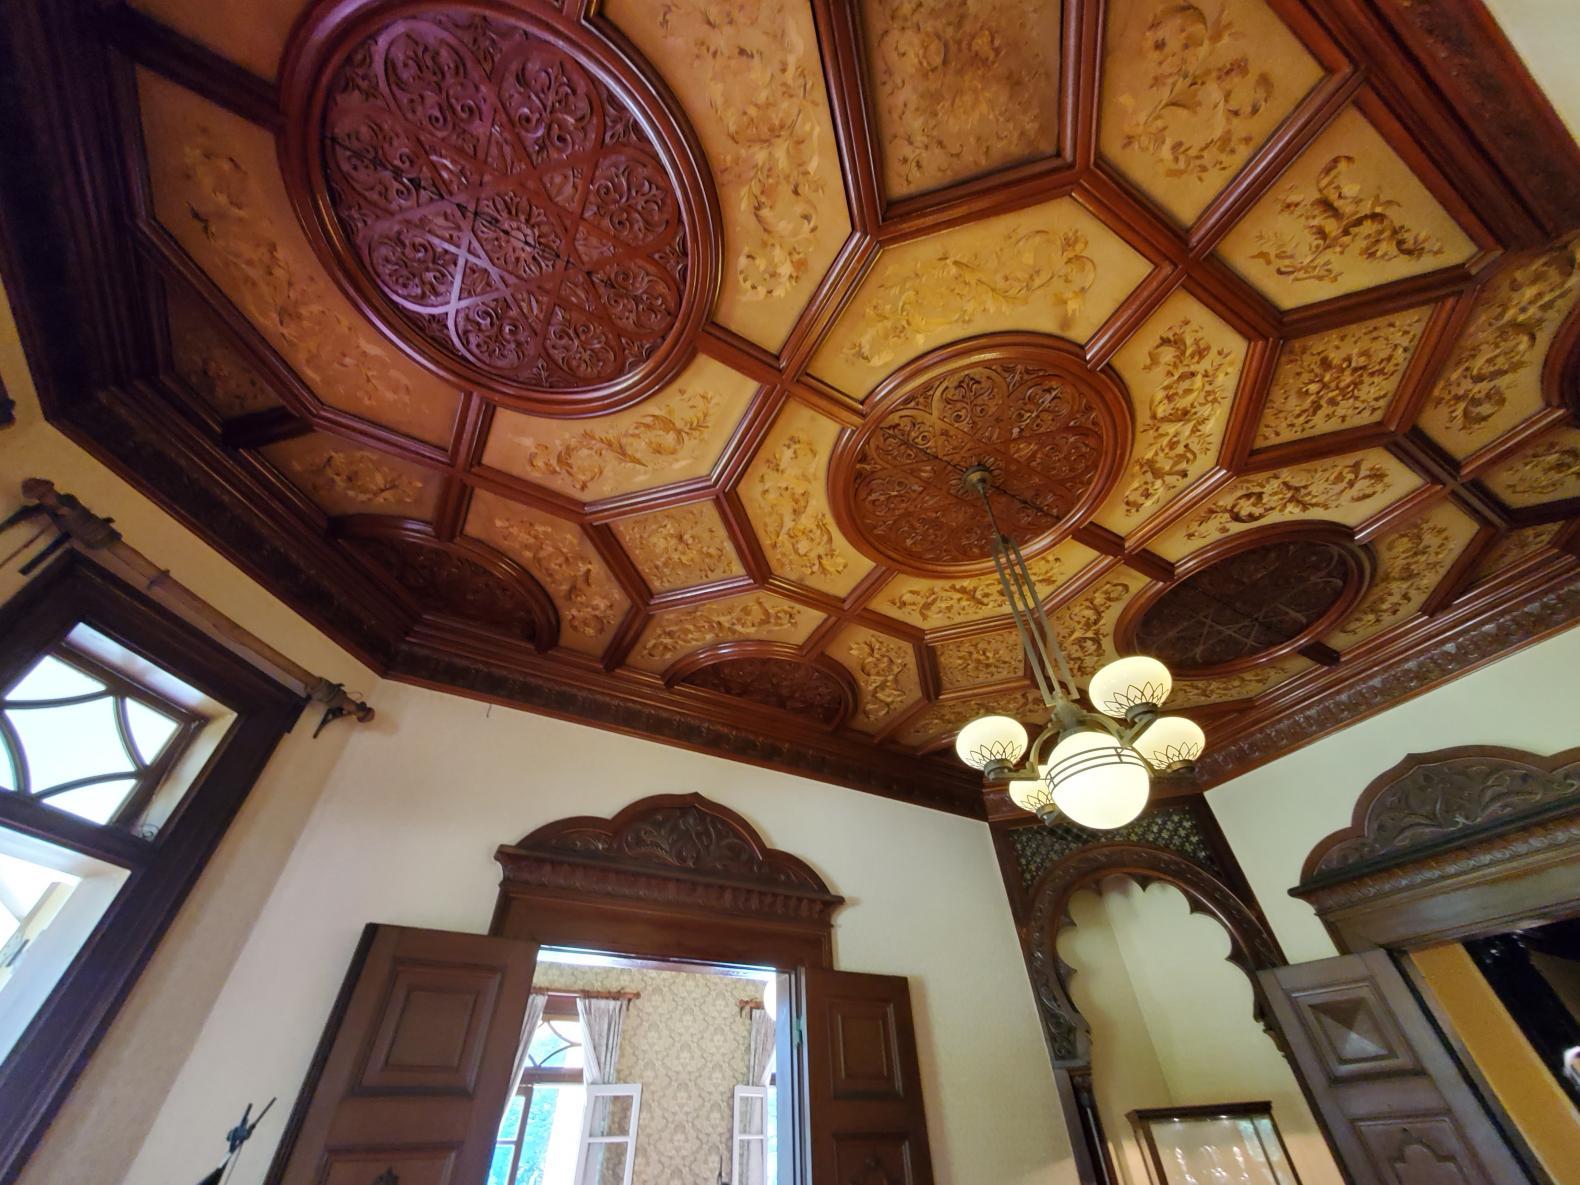 私が岩崎邸を訪れた目的。それはゴージャスな天井や壁紙の数々!-0